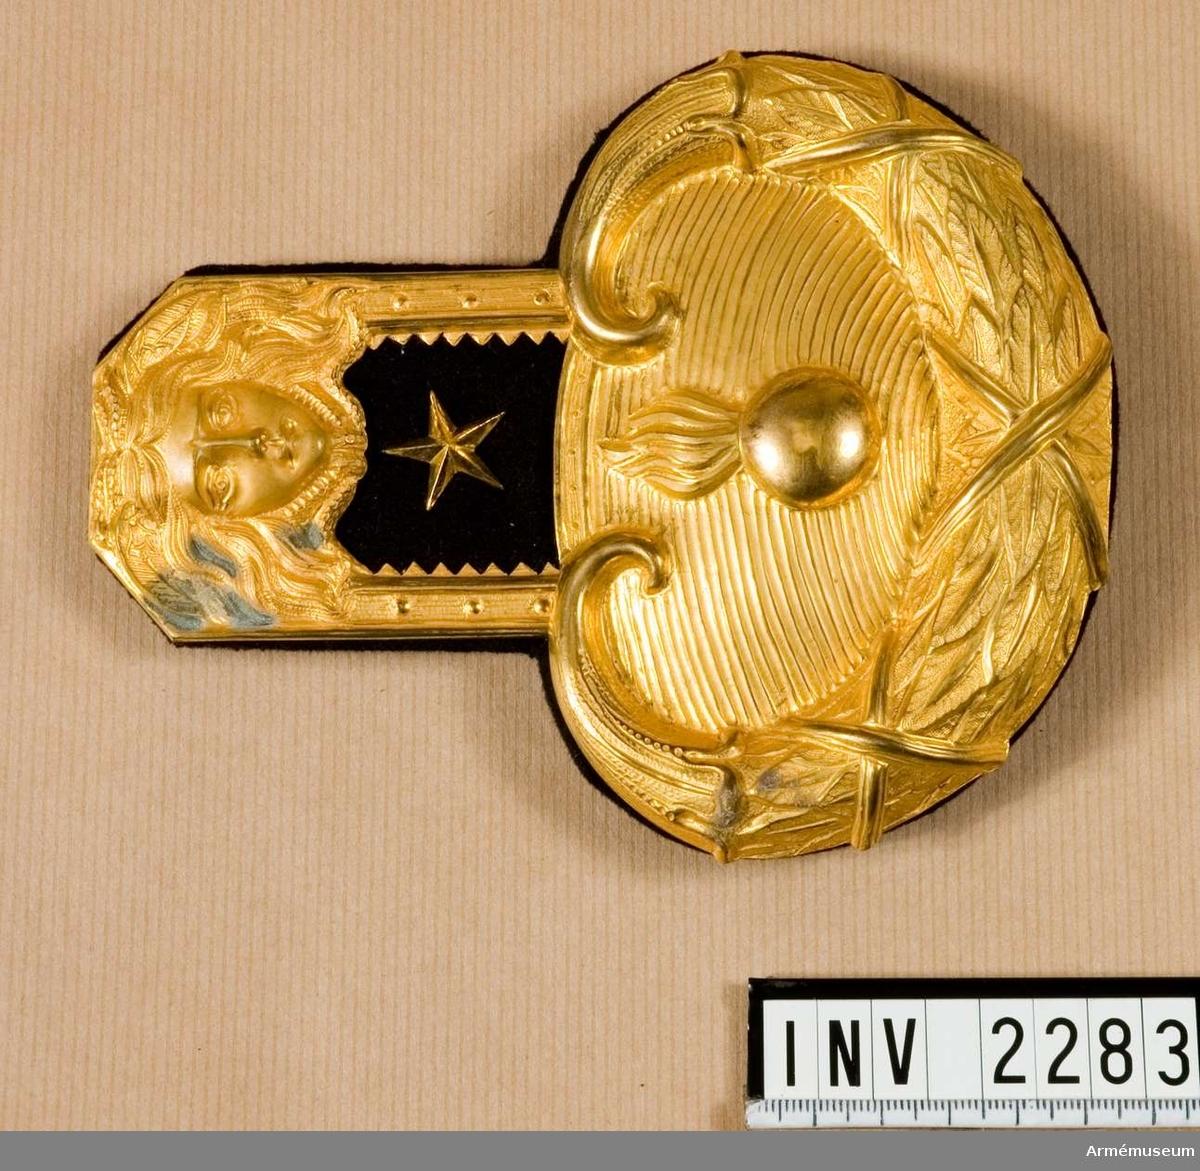 """Av förgylld, ciselerad metall med matta och foder av mörkblått kläde. Go 13 feb 1849 nr 85. Innerst vid kragen ett medusahuvud. Svulsten ytters vid armen är av ett omlindat, kransliknande bladverk som omgärdar bottenplattan varpå en granat vilar. Guldstjärna =  underlöjtnants grad. Foder av kläde och vid epåletthalsen en hake av metall märkt """"MEA, Milit Ekip.akt. bolag."""" Haken skall fästas vid uniformen. Av måtten är axeldelens längd 70 mm och bredd 58 mm."""